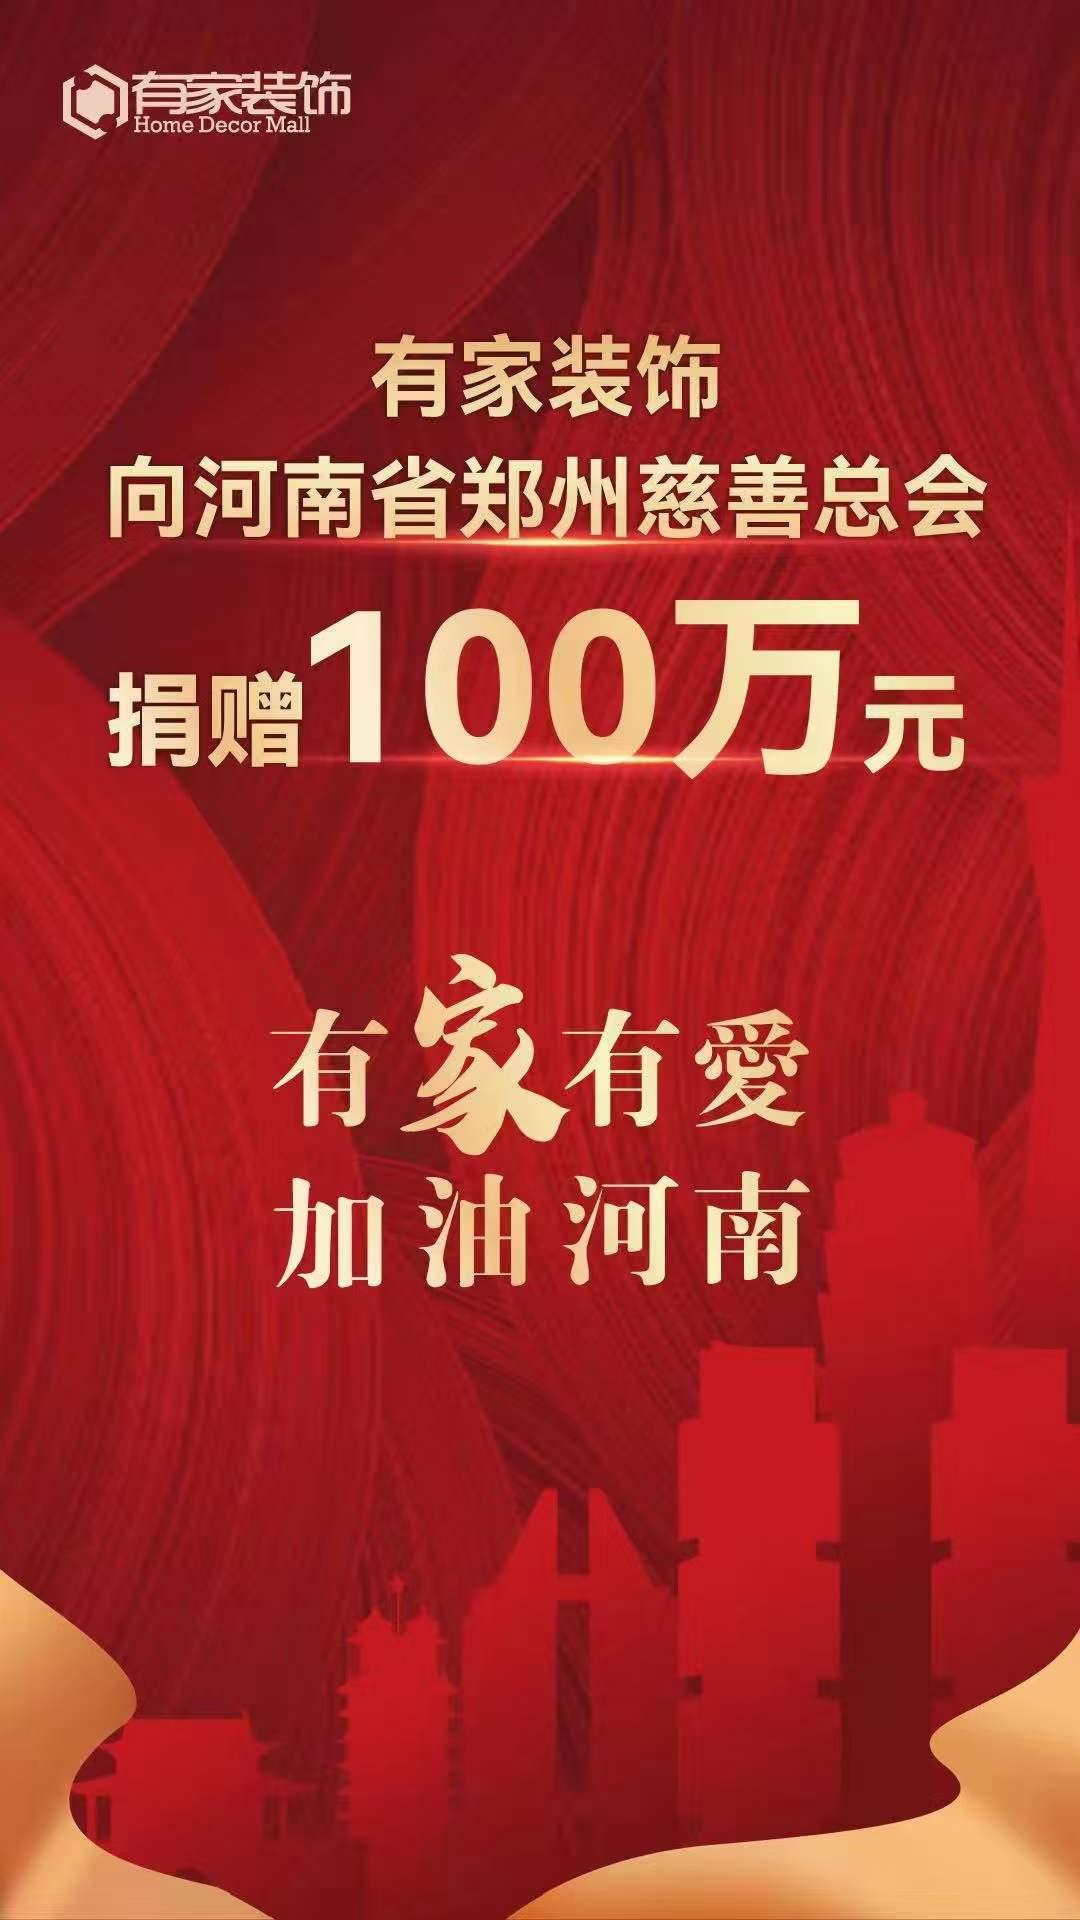 有家装饰总部向郑州慈善总会捐款100万●!河南加油●!